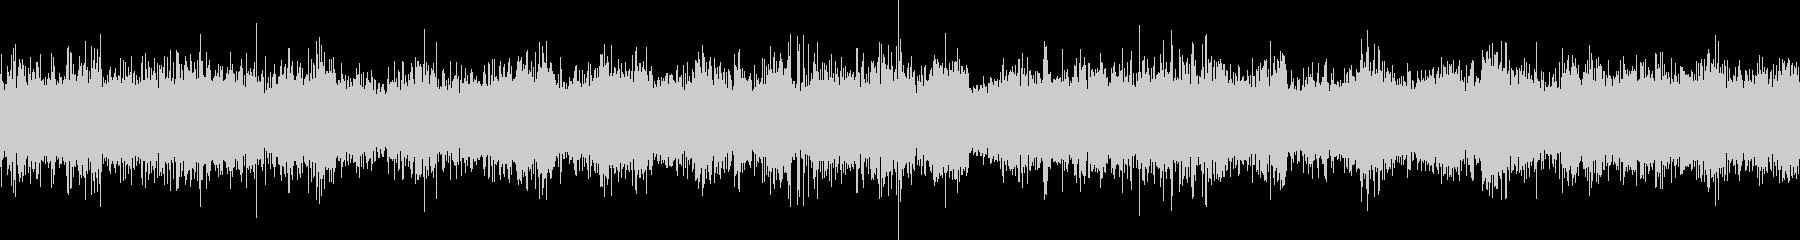 ループ再生可能!ラジオノイズ・ザーの未再生の波形